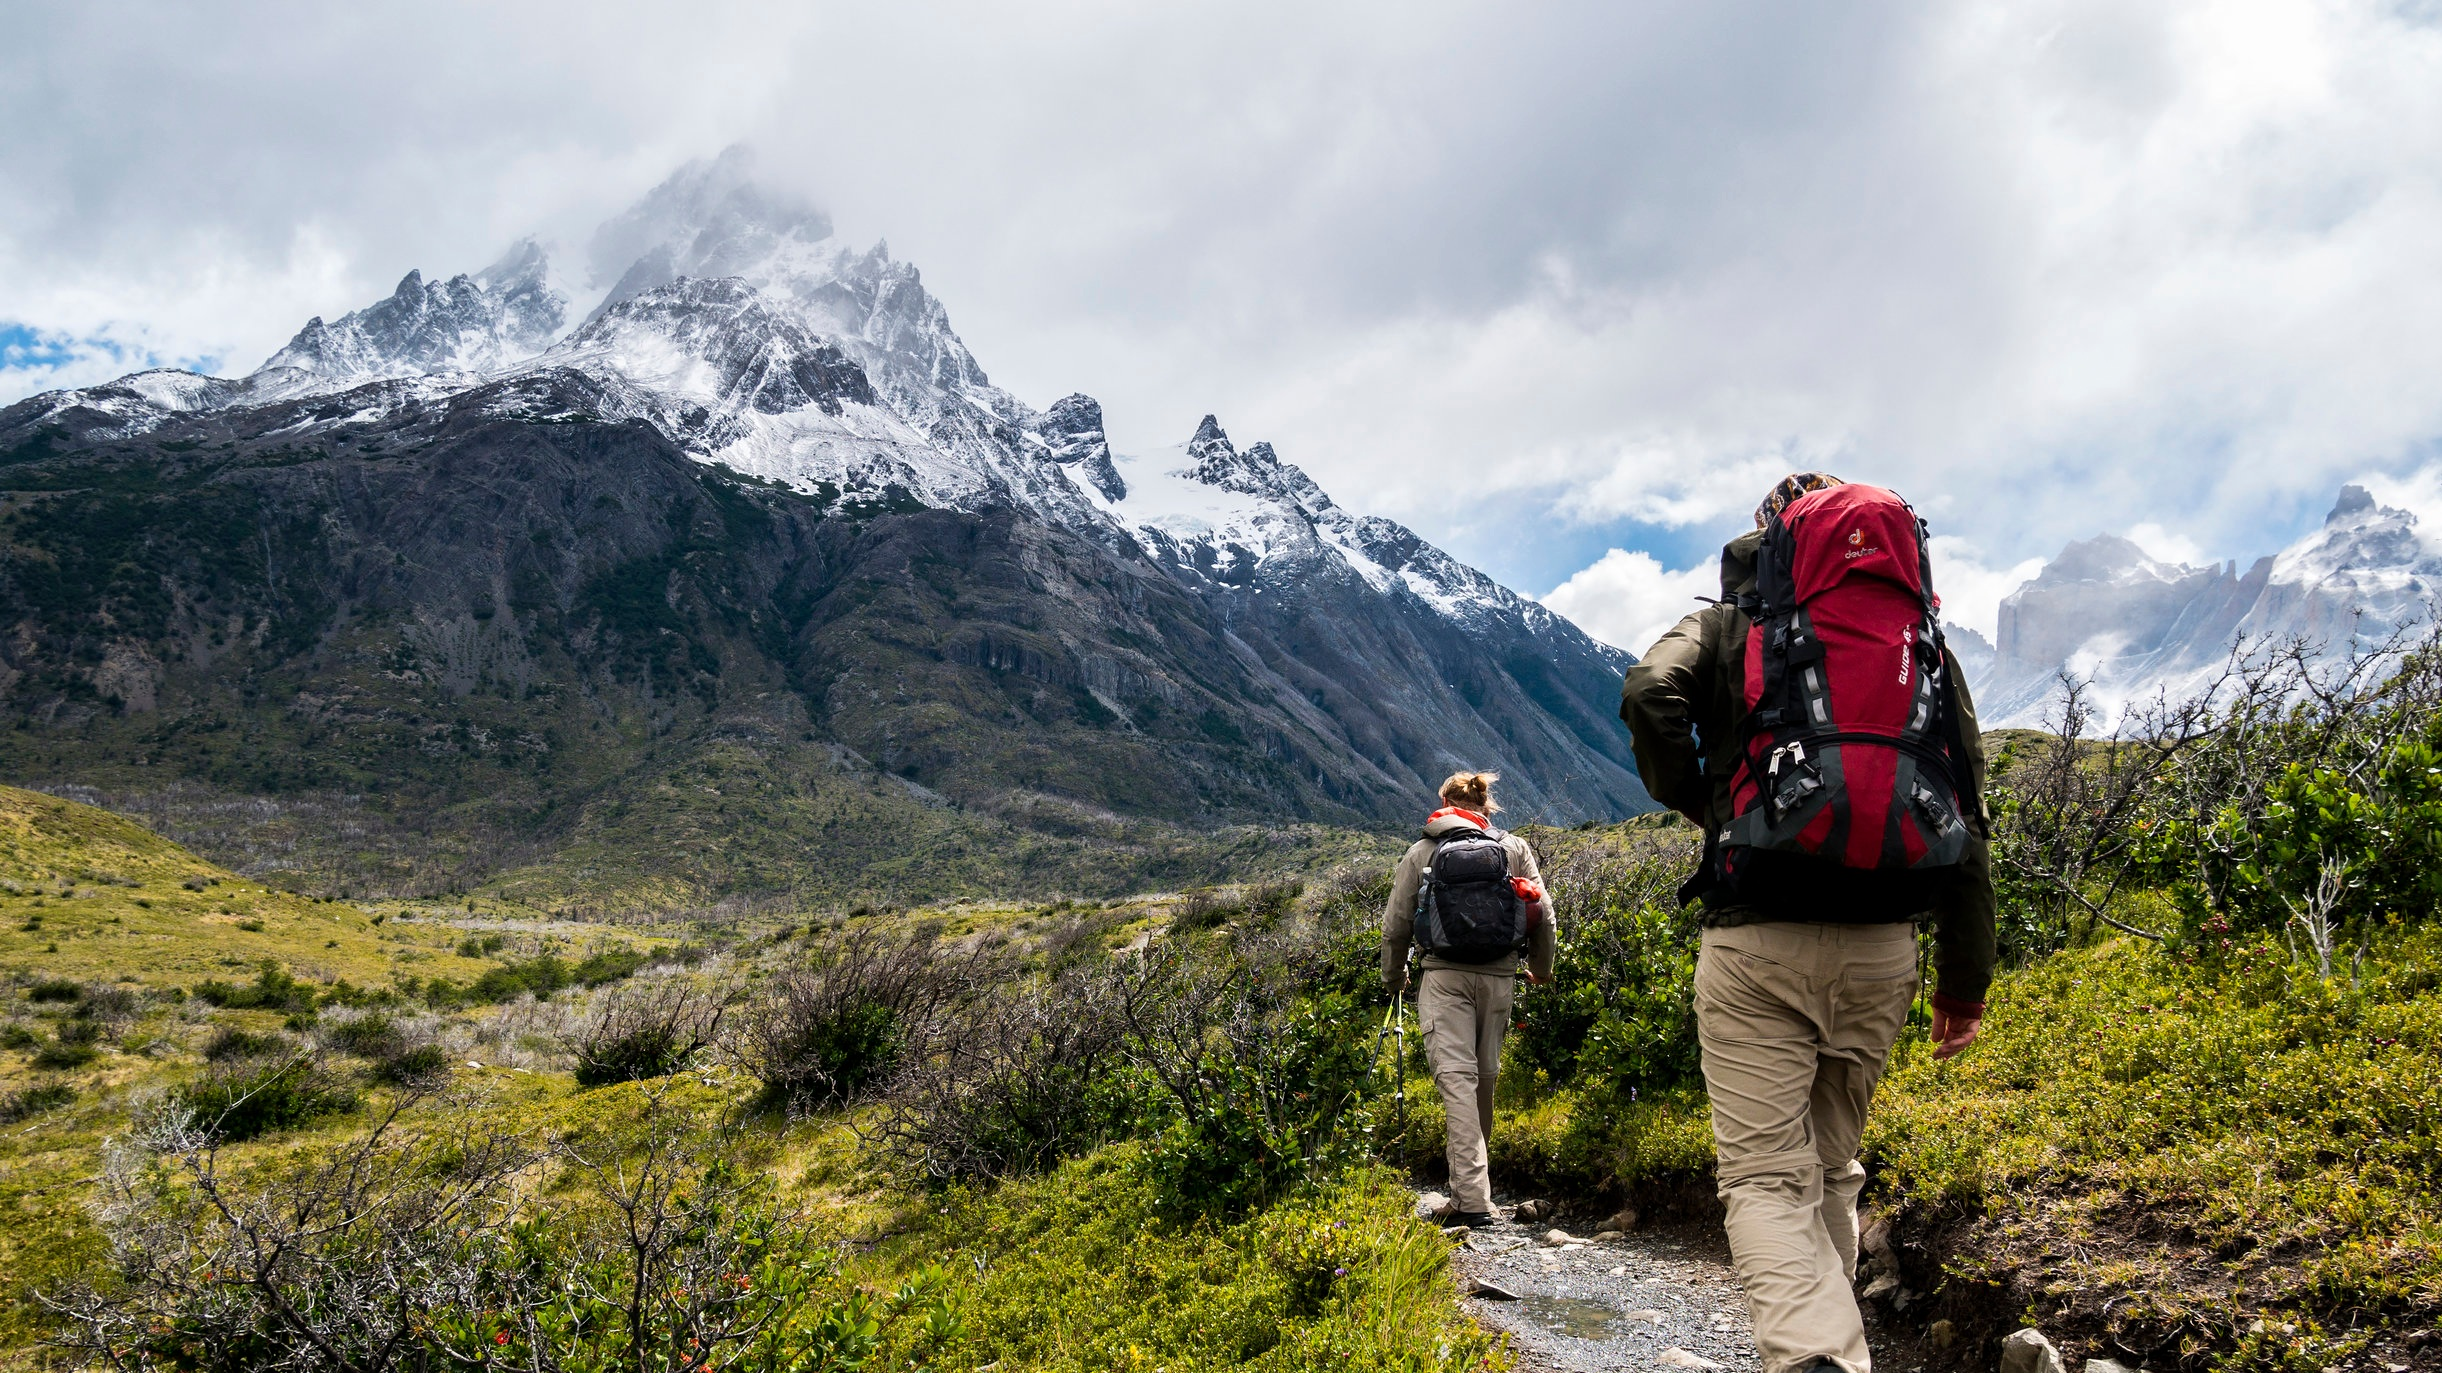 Bergsvandring - En möjlighet till att verkligen ta in det bästa Alaska har att erbjuda är att utnyttja någon eller flera av stadens vandringsleder. Ta dig fram i oslagbar natur kring berg, vattenfall och ett fantastiskt djurliv.